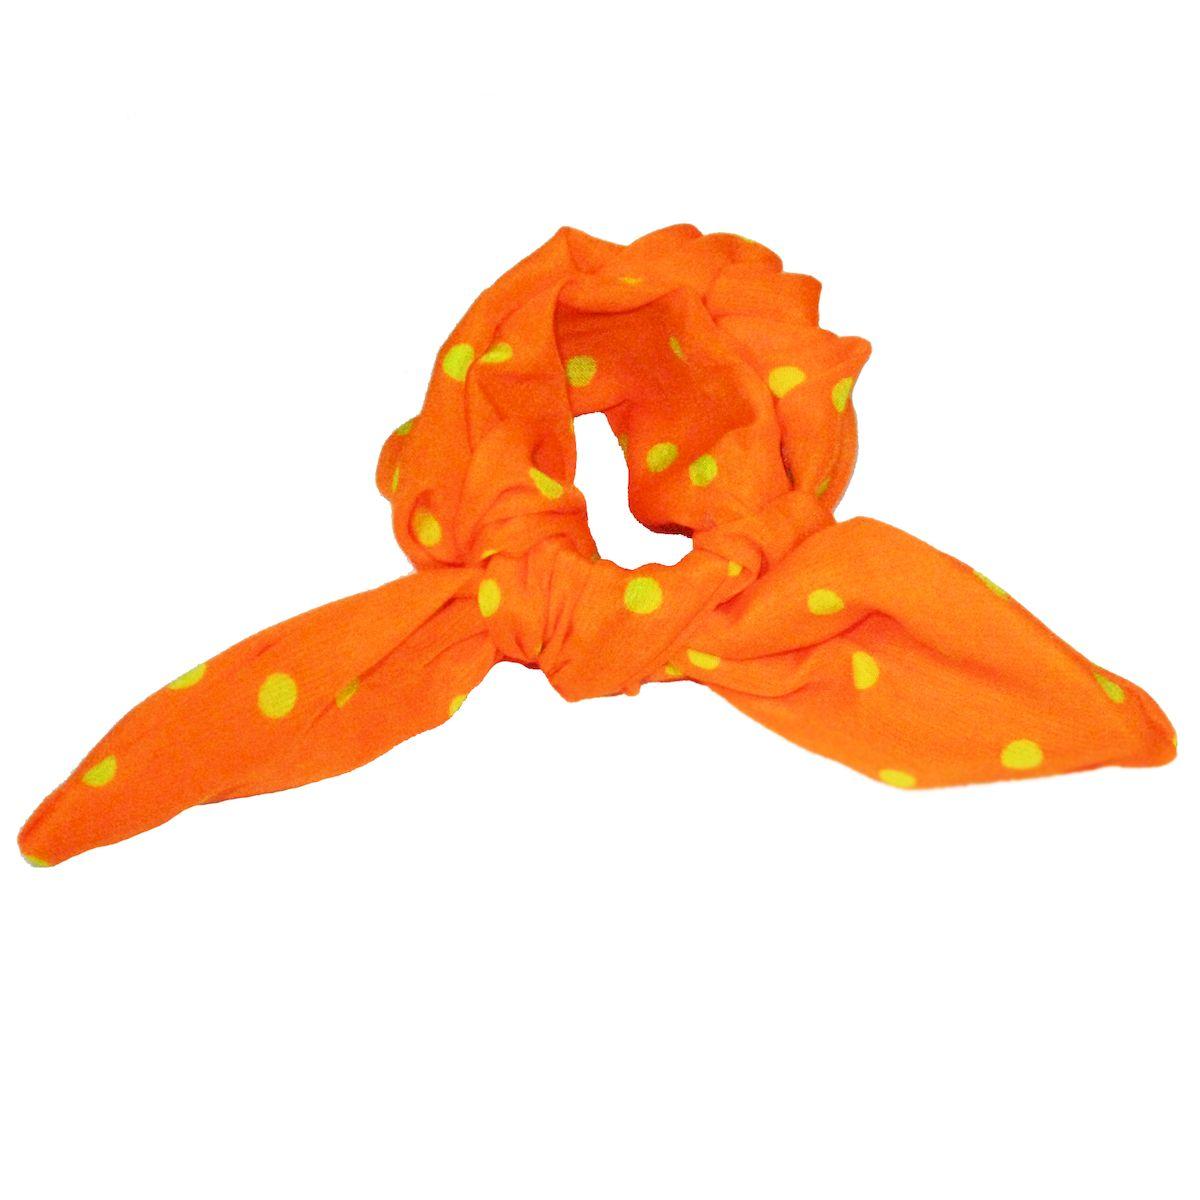 Hairagami Заколка Хеагами горох (ЗХг), оранжеваяSC 321Заколки для волос Хеагами - это салон у вас дома! Создавайте разнообразные прически при помощи этого комплекта. Авторские заколки для моделирования и дизайна причесок.